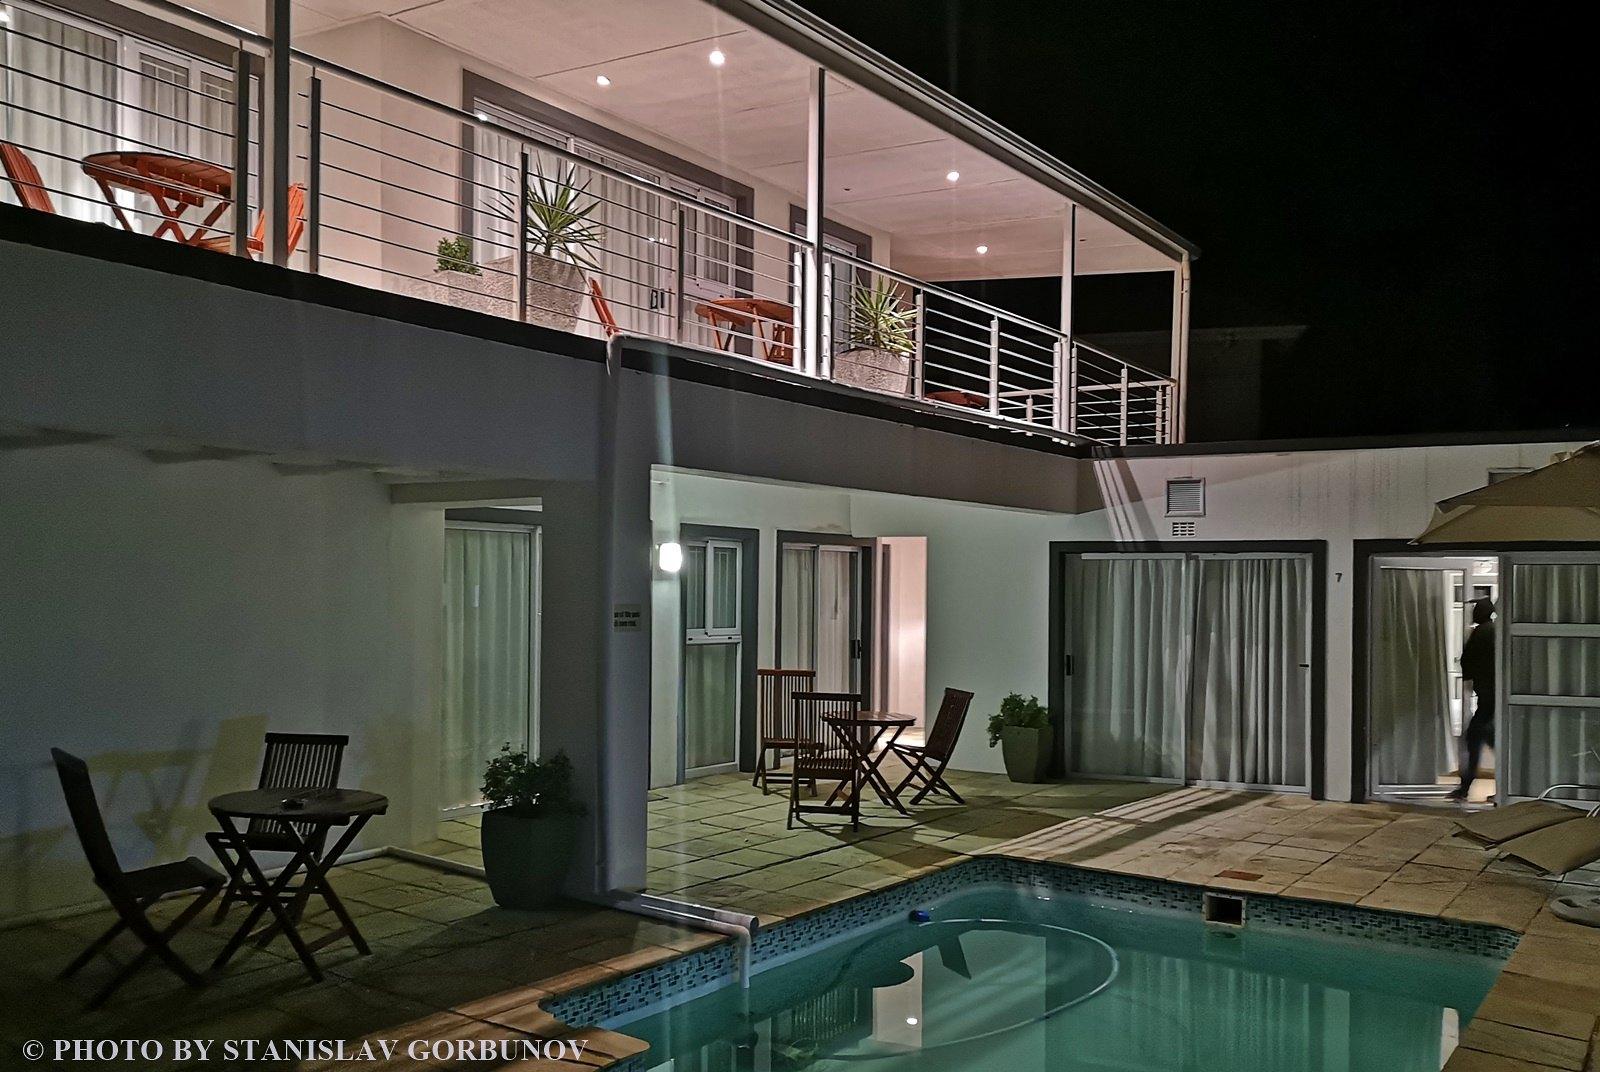 Великолепная девятка гостиниц ЮАР. Это стоит хотя бы один раз увидеть лично! oteli33